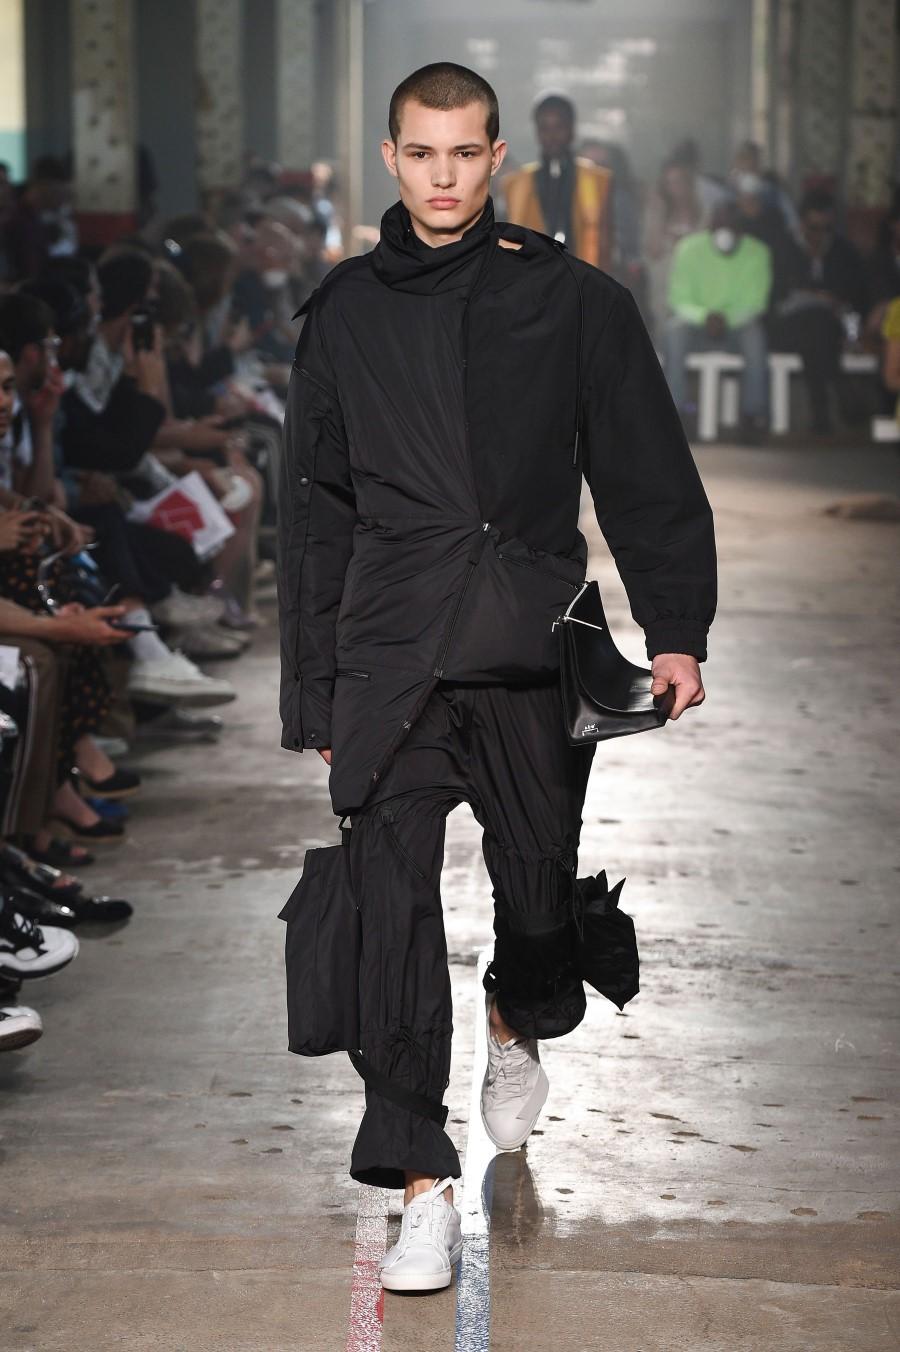 A-COLD-WALL* – Printemps/Été 2019 – London Fashion Week Men's